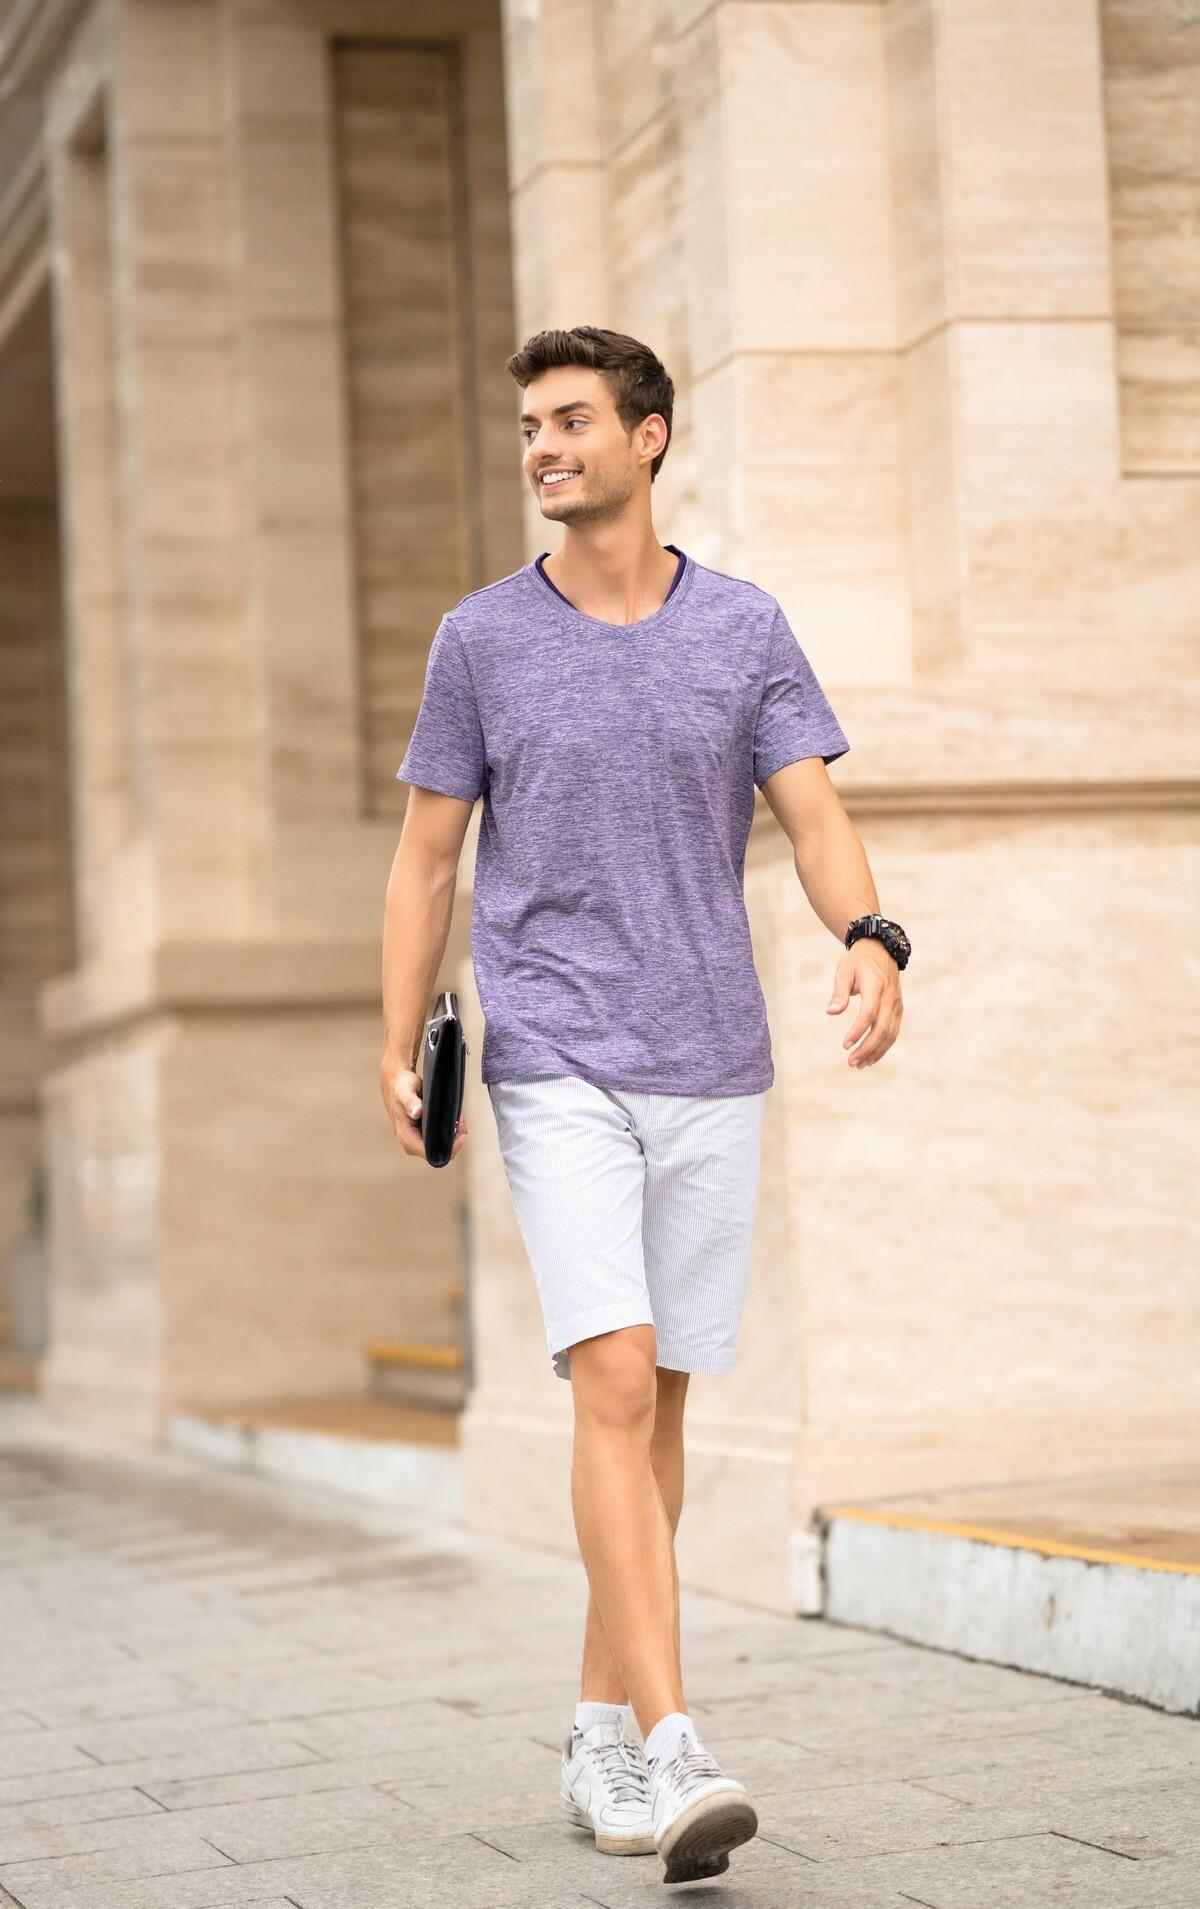 Áo phông nam ngắn tay DGC - SAT1905M giảm 20% còn 228.000 đồngco giãn, bền, thoáng mát, thấm hút mồ hôi, chống tia UV. Thiết kế tinh tế, đường may sắc nét, tạo hiệu ứng cuốn hút thị giác nhưng vẫn giữ vẻ nam tính, trẻ trung, năng động.